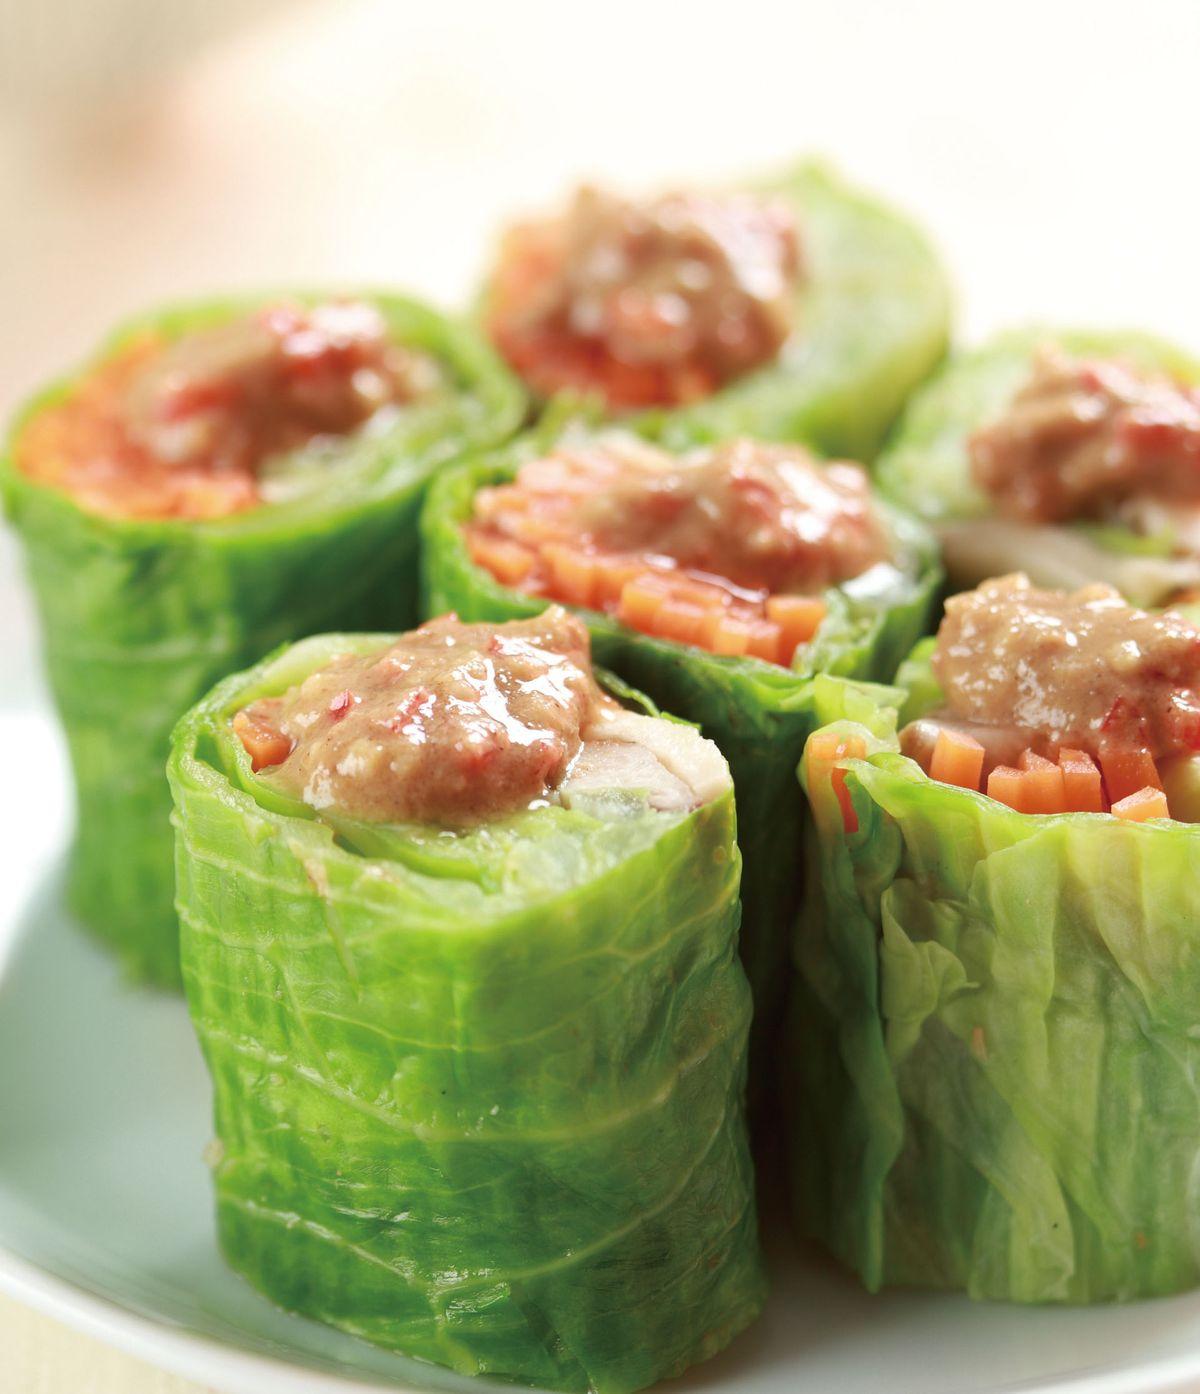 食譜:麻醬蔬菜捲